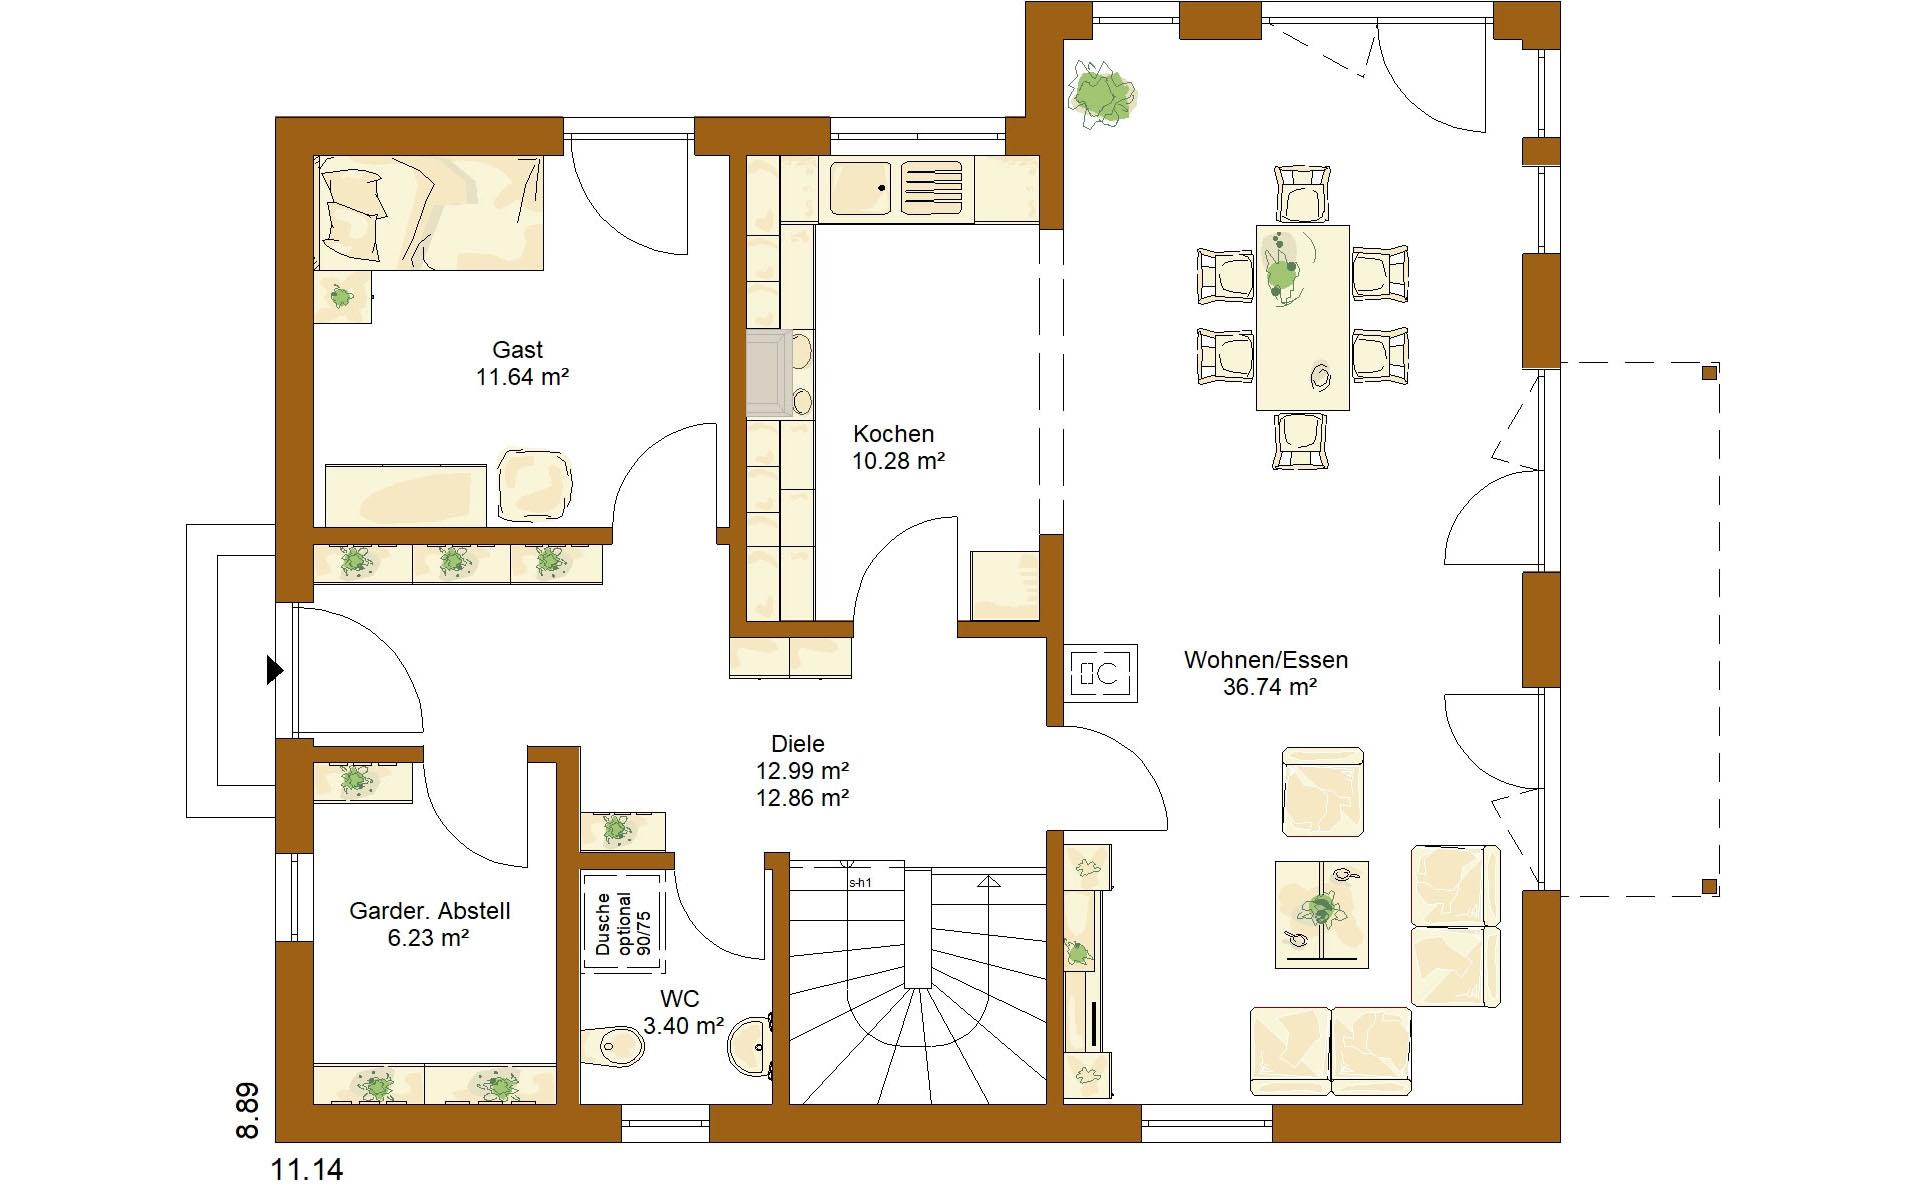 Erdgeschoss CLOU 159 von RENSCH-HAUS GMBH